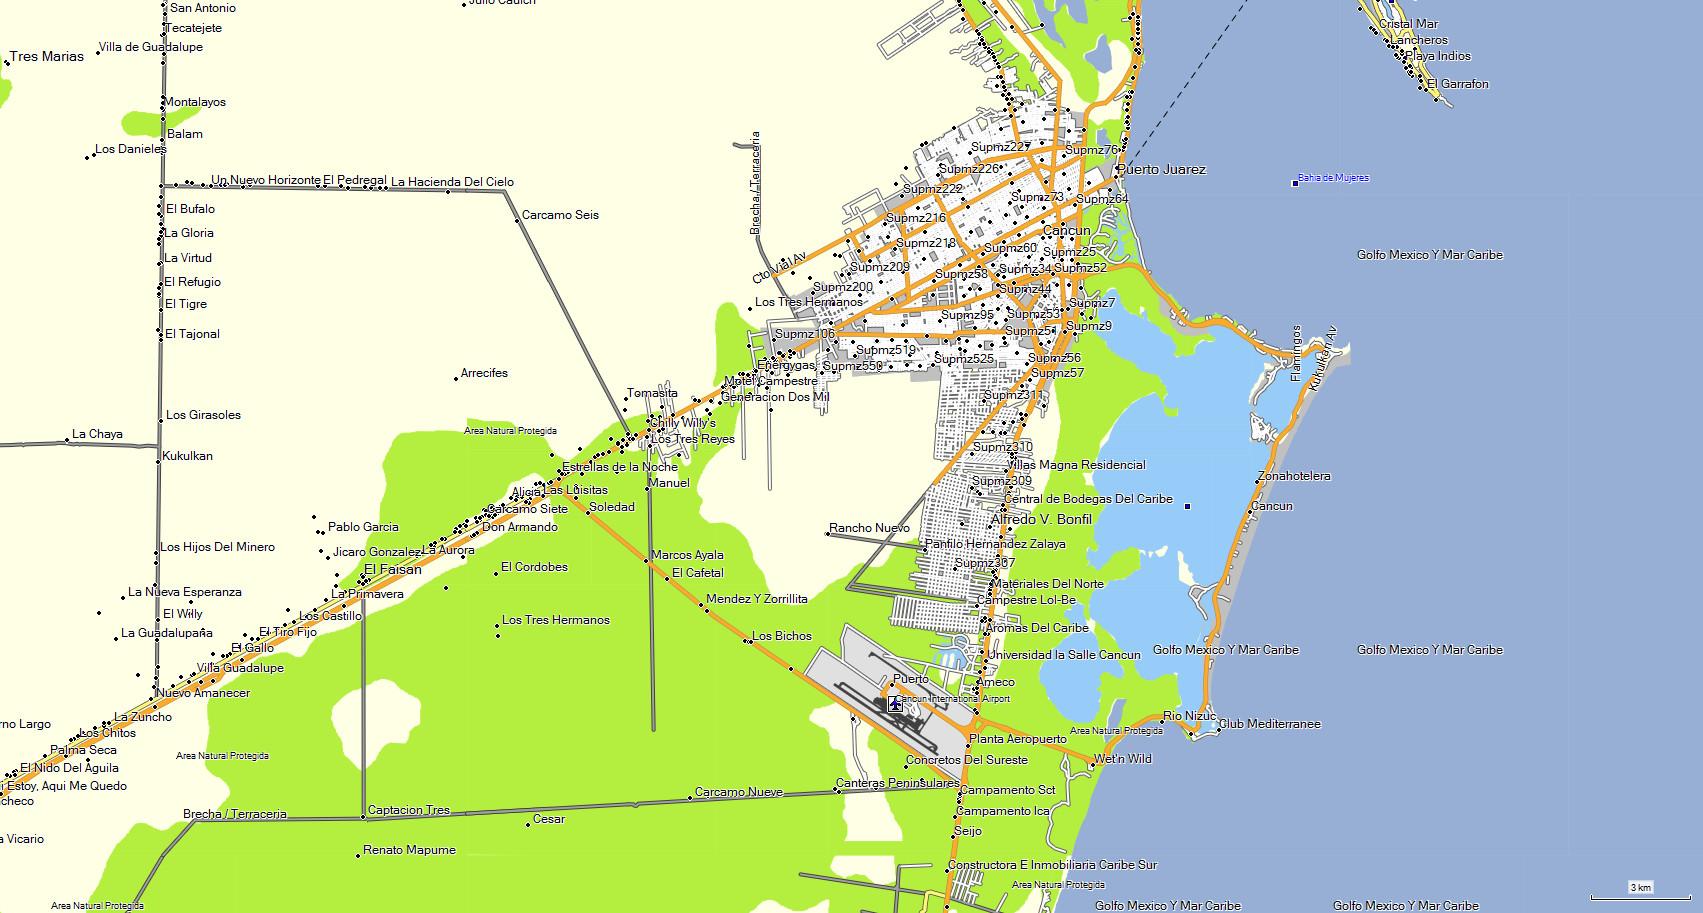 Mapa de la franja del hotel Cancu